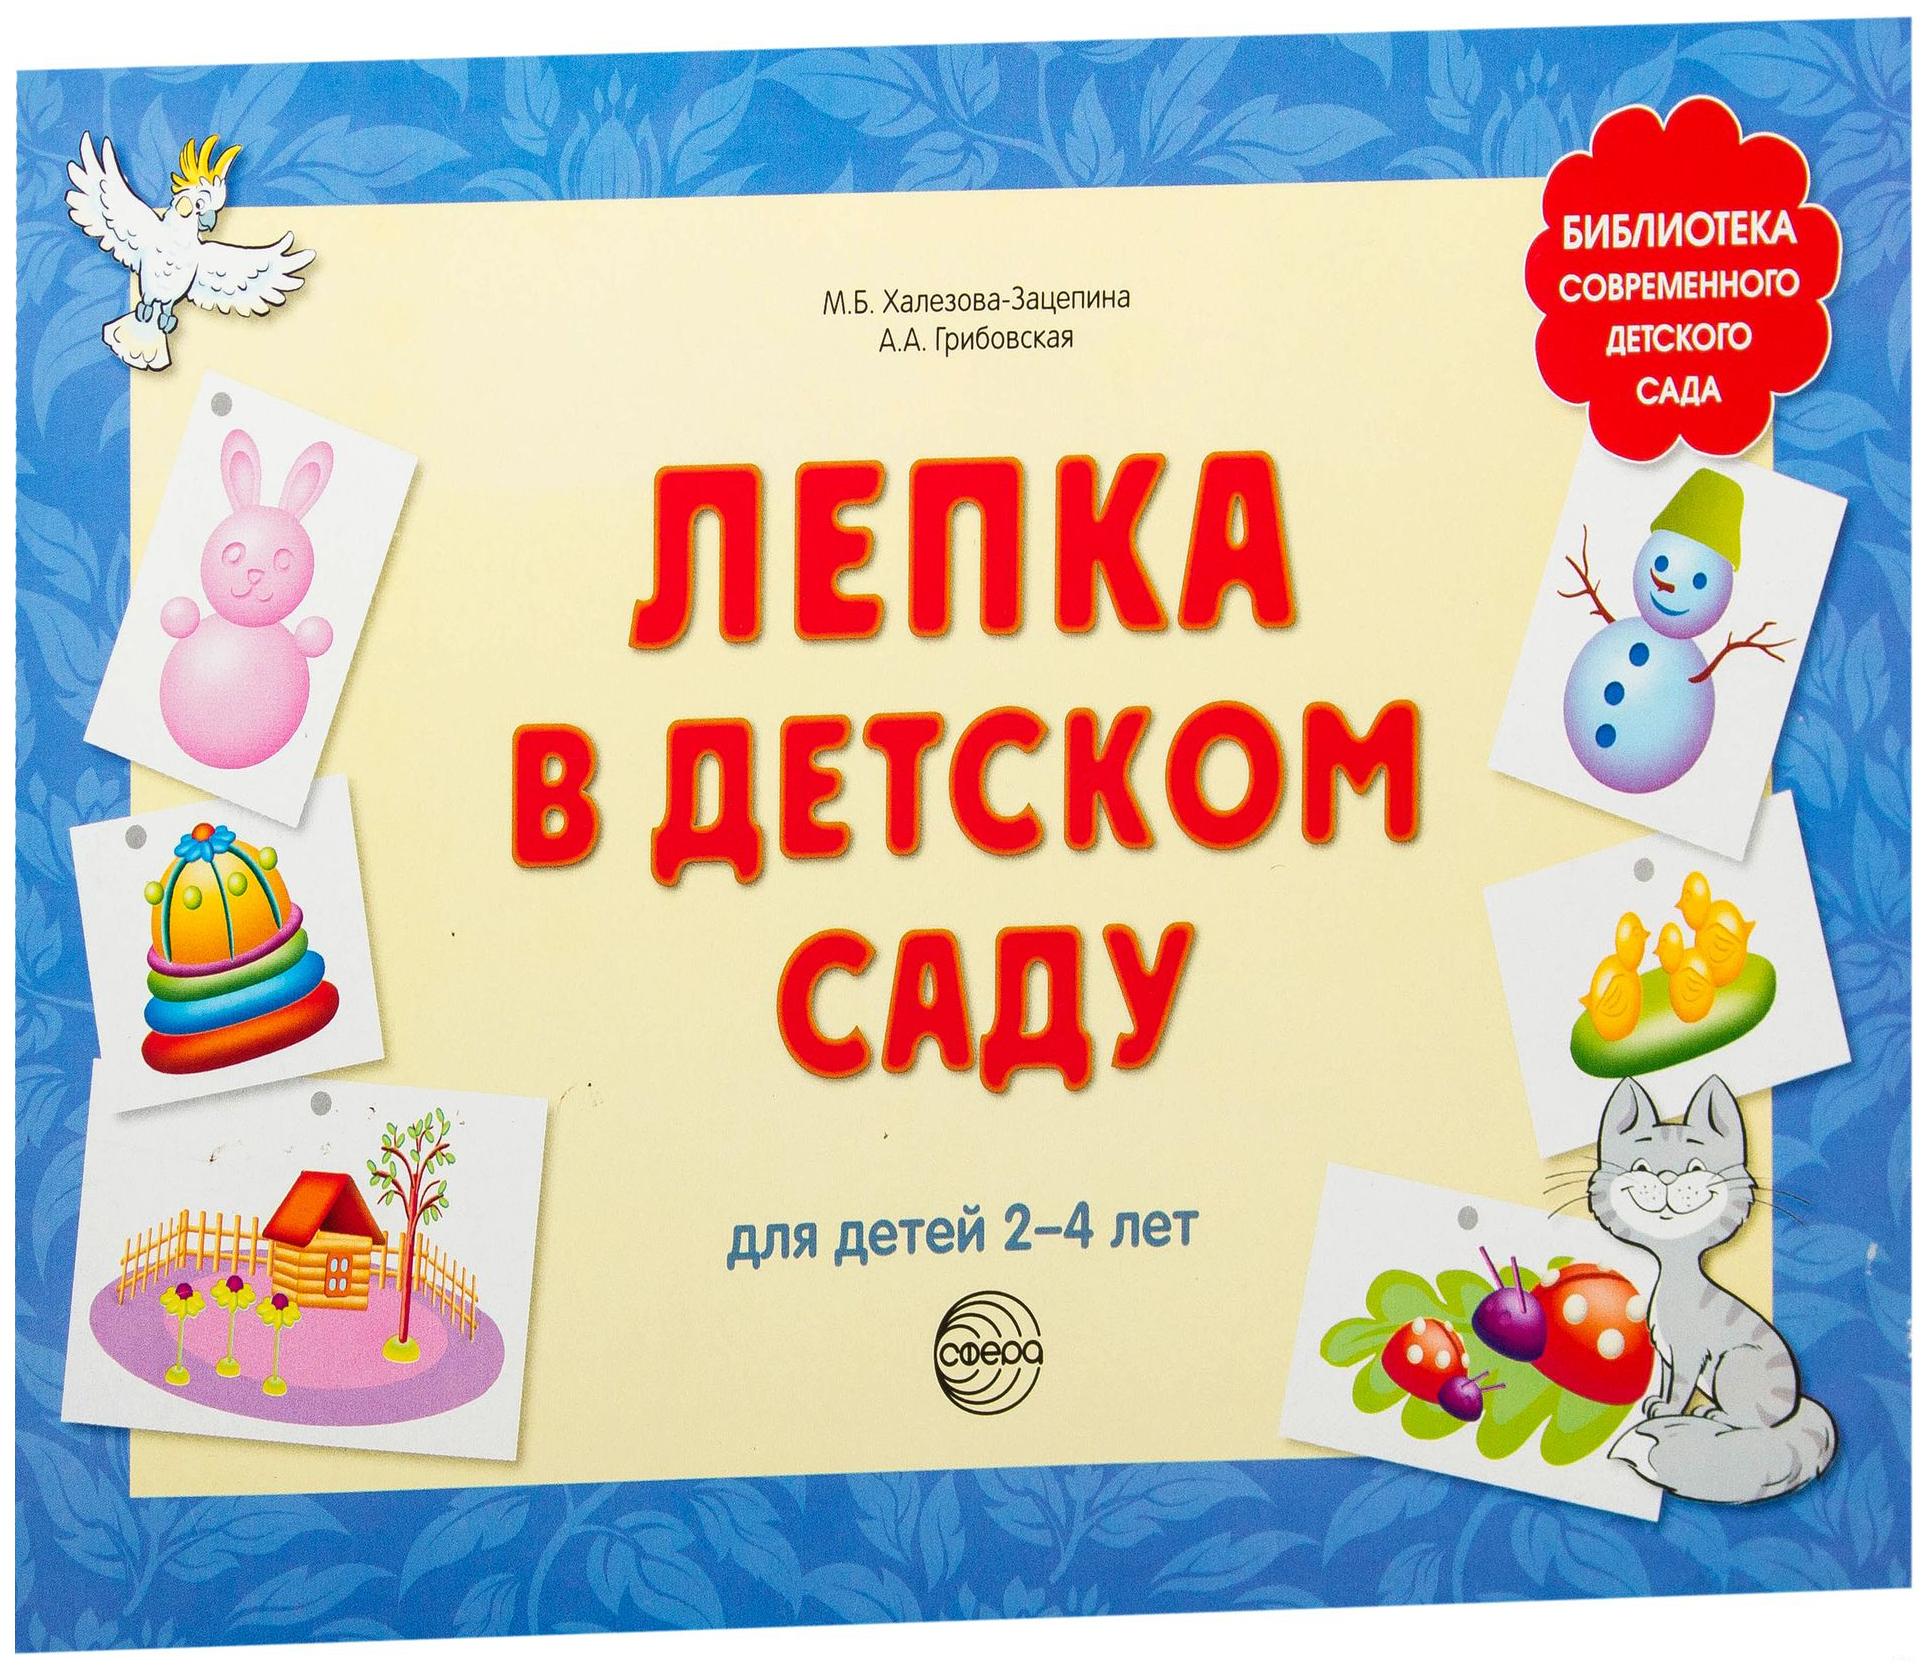 Сфера тц лепка В Детском Саду, для Детей 2-4 лет